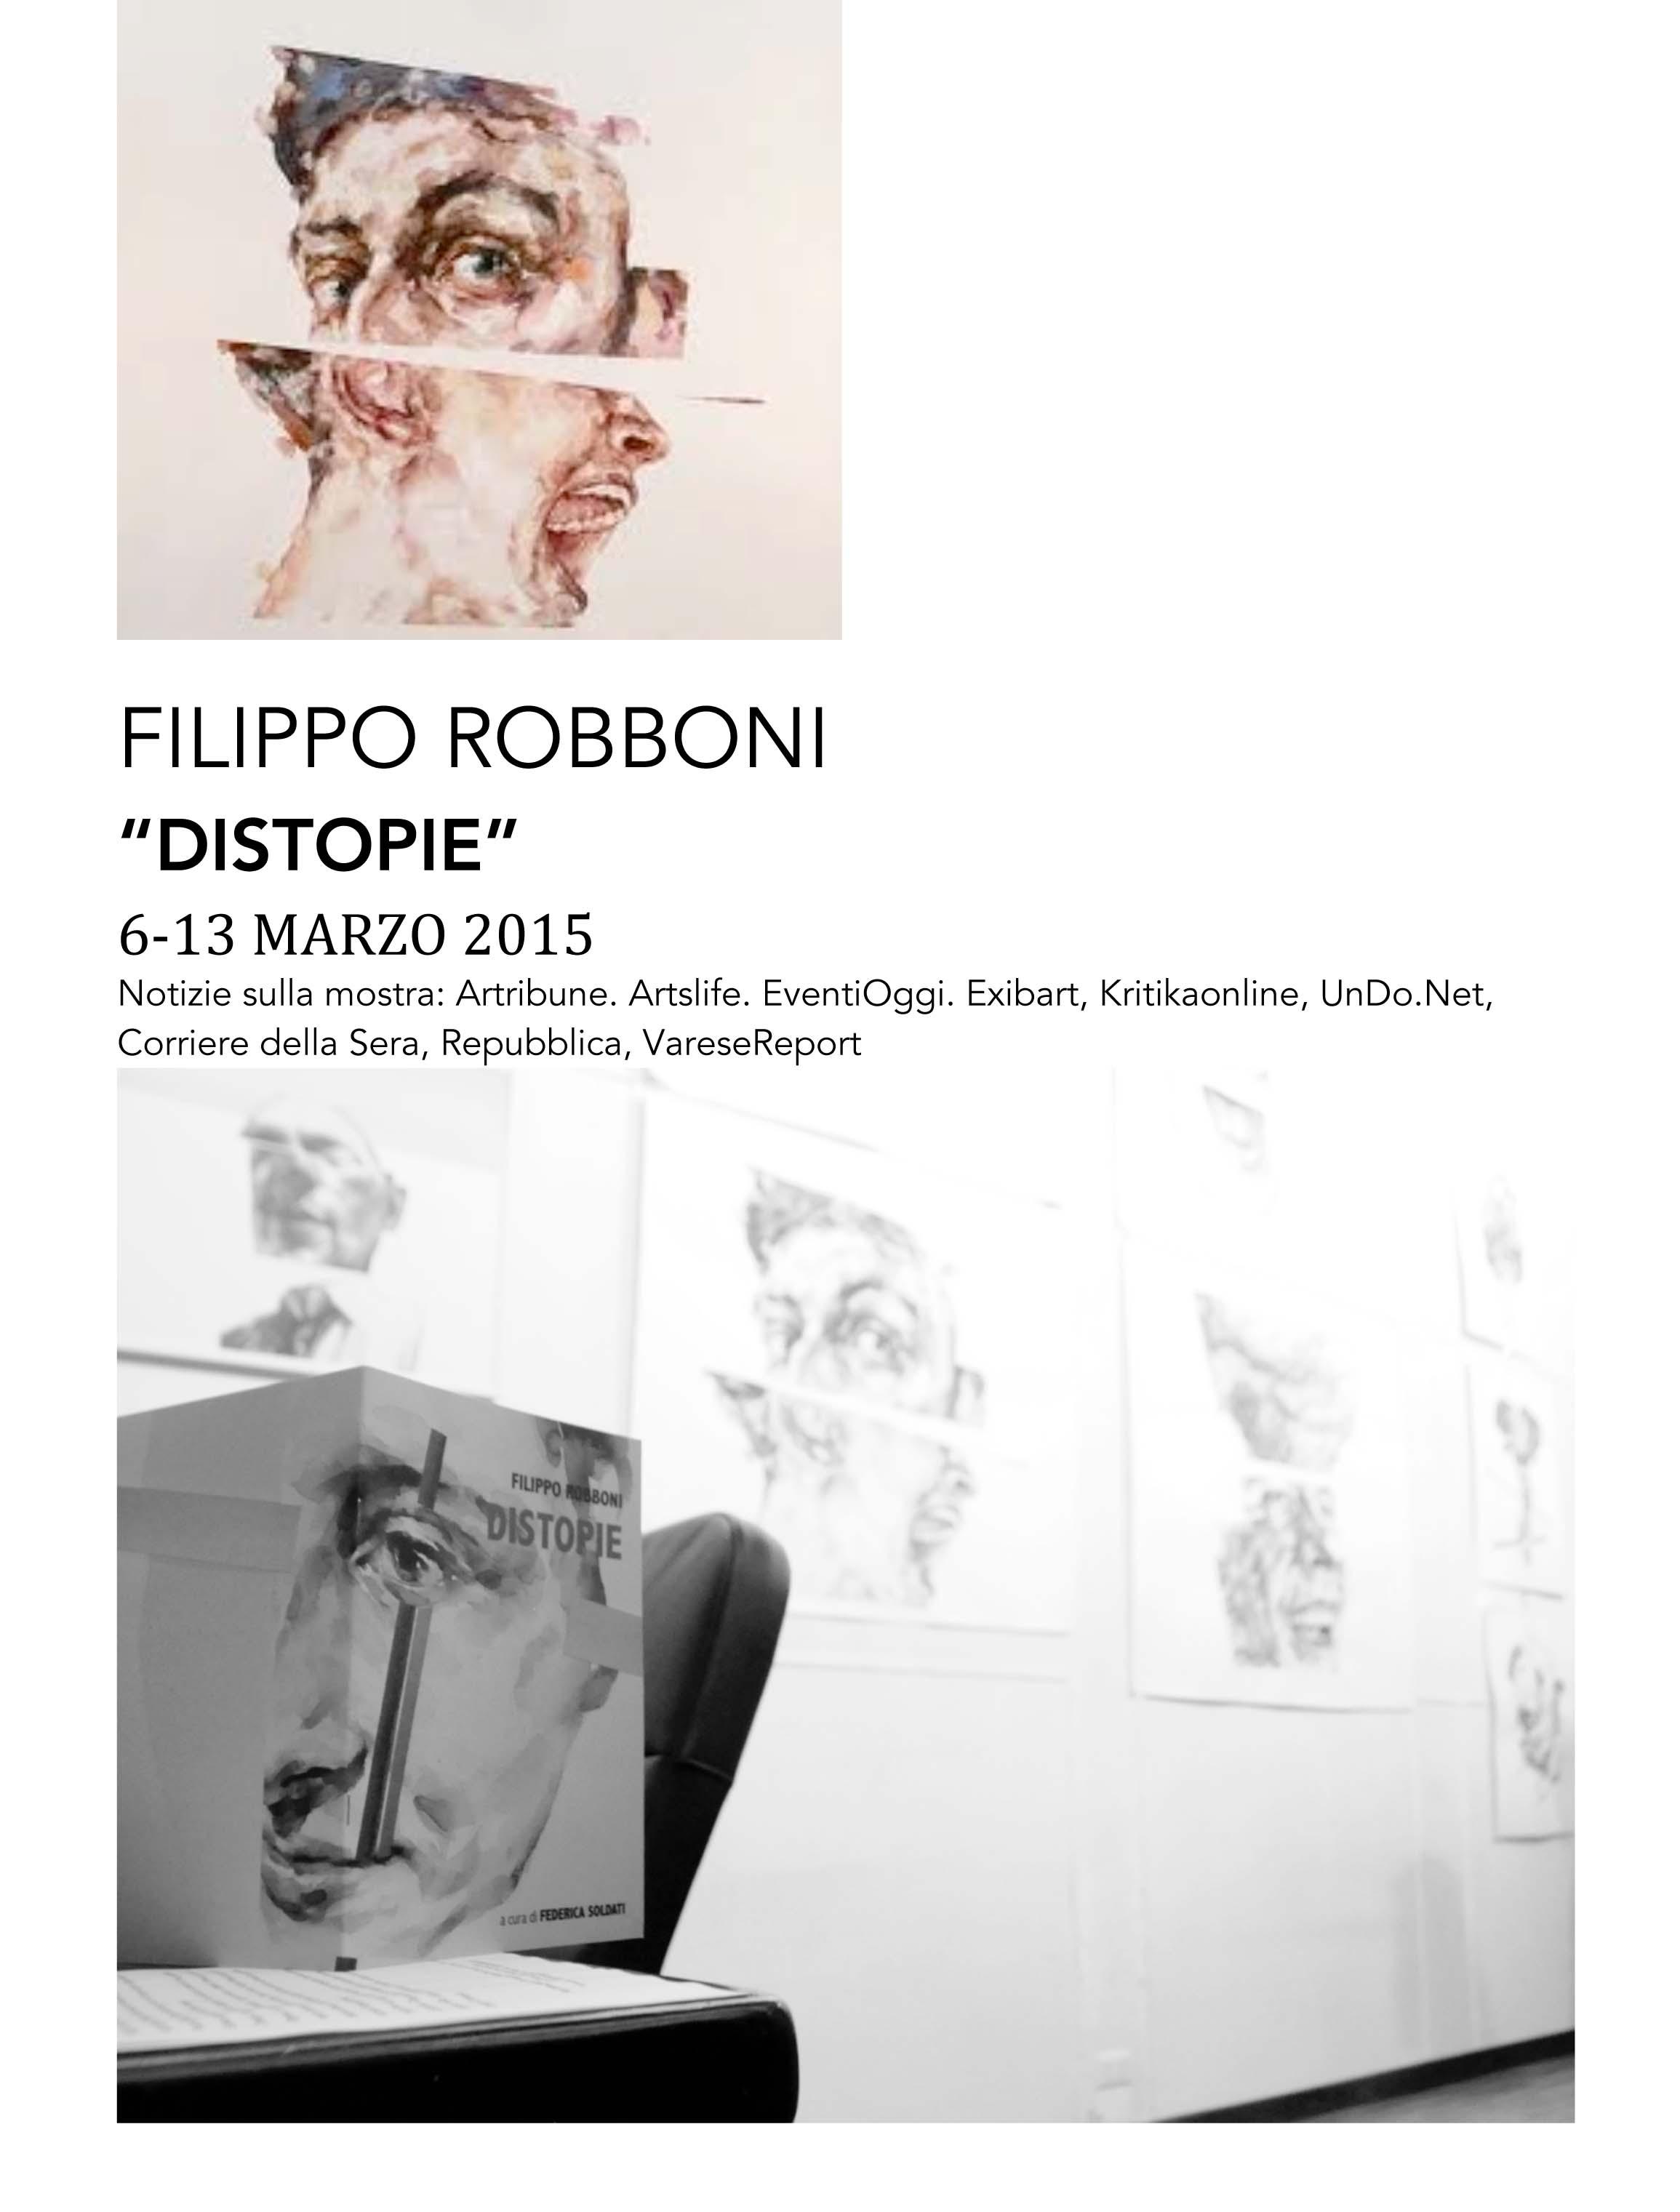 Microsoft Word - FILIPPO ROBBONI_Sito.doc